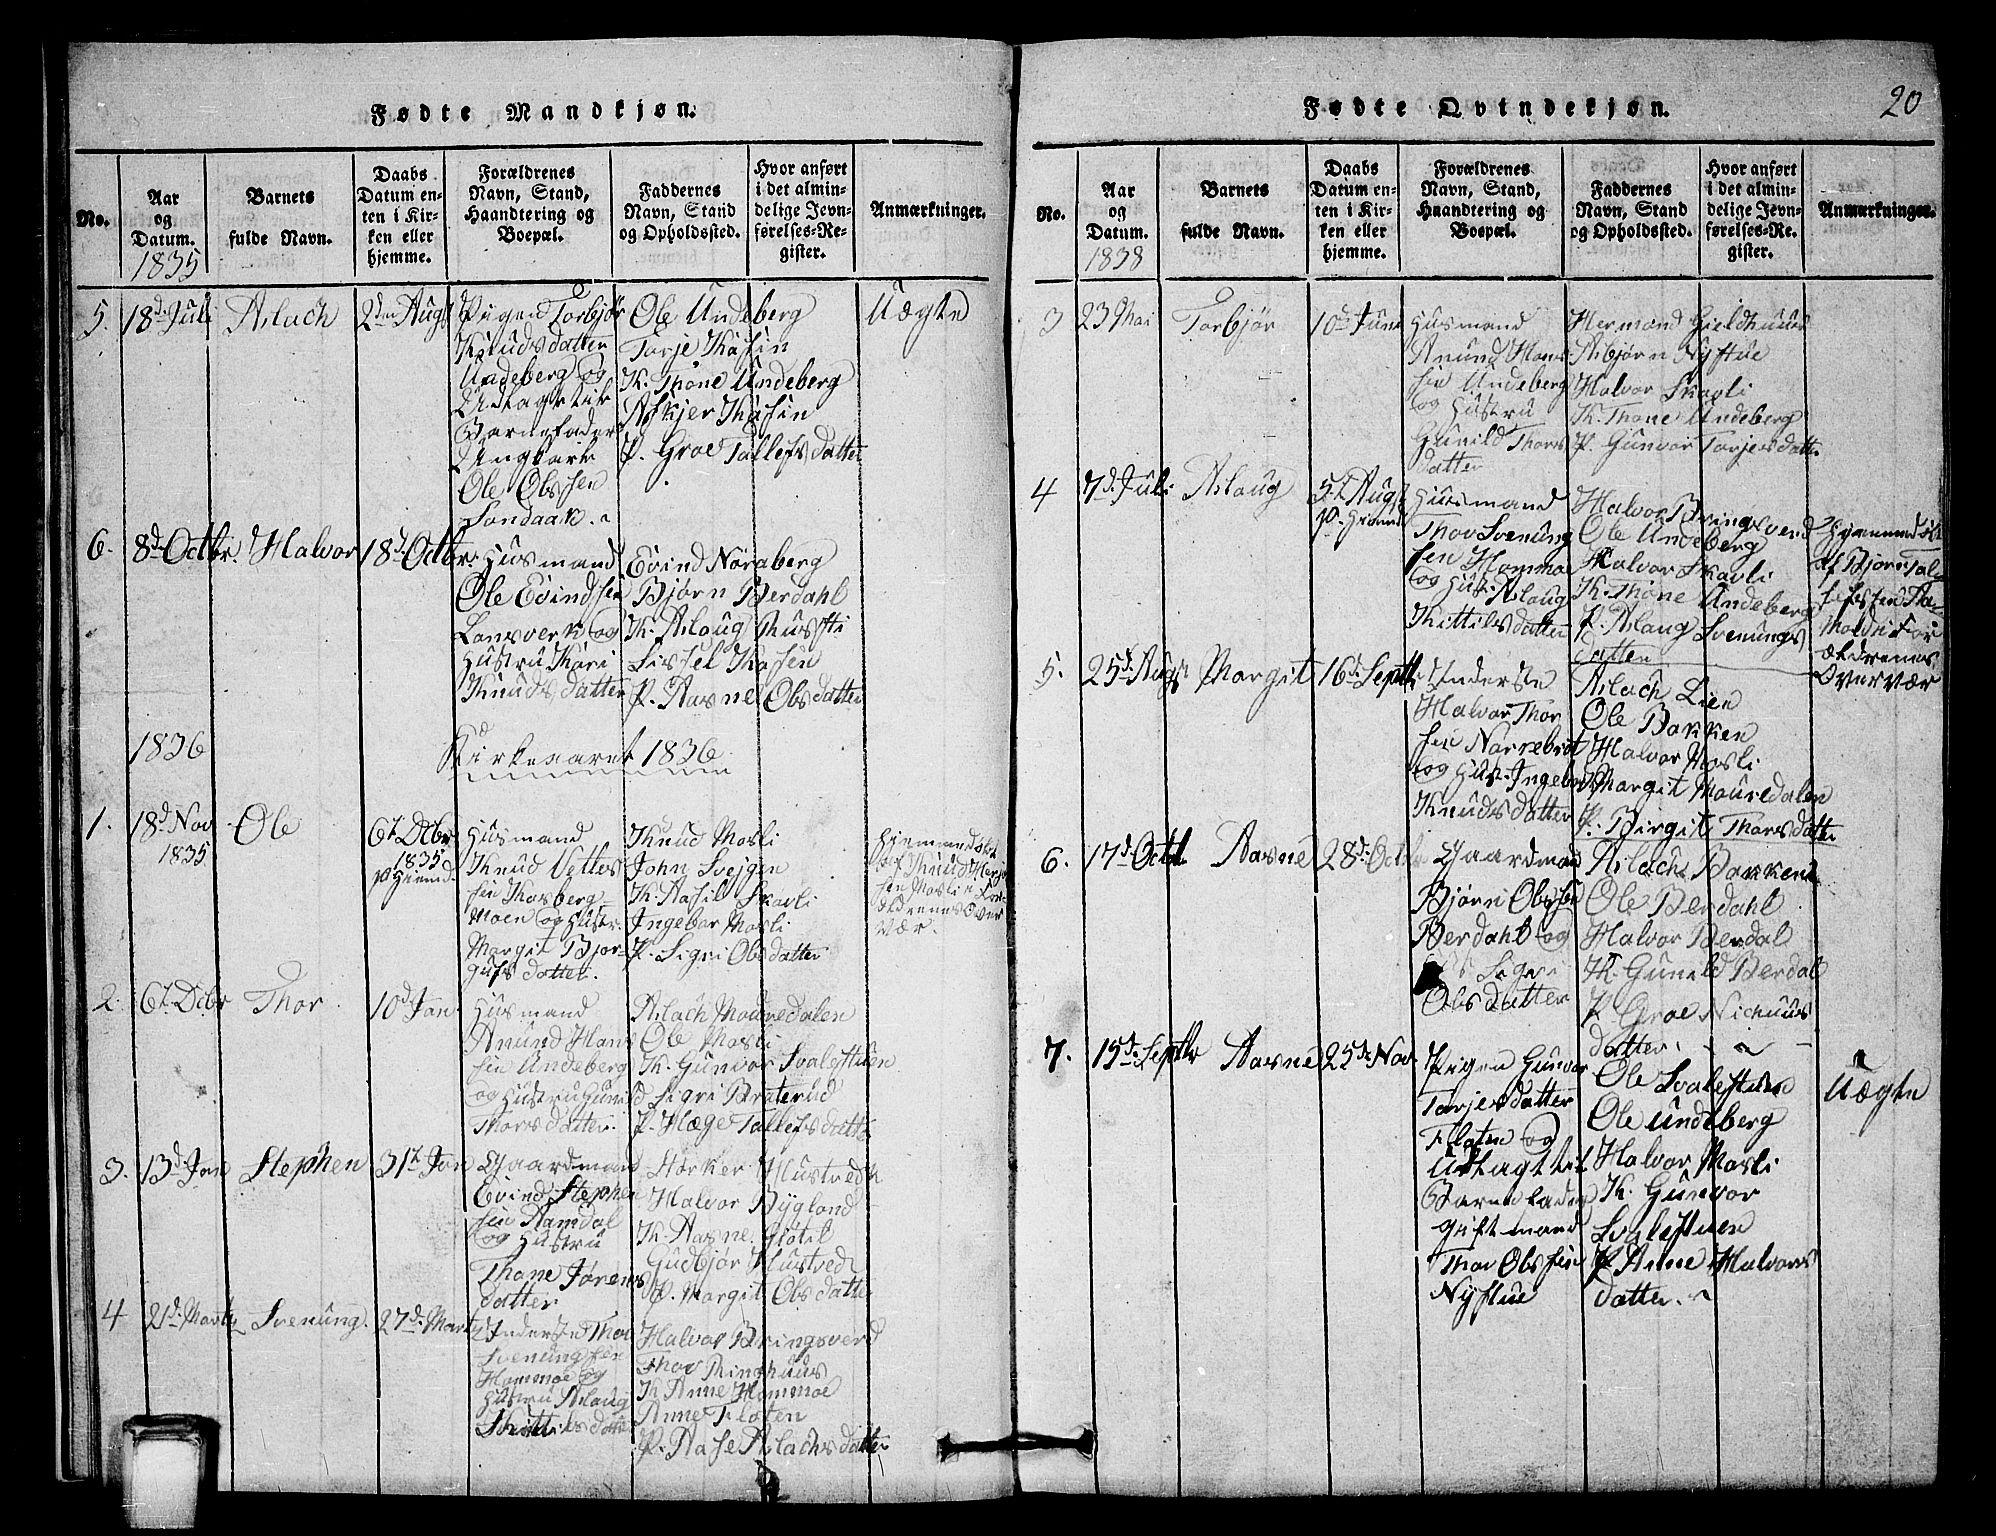 SAKO, Vinje kirkebøker, G/Gb/L0001: Klokkerbok nr. II 1, 1814-1843, s. 20